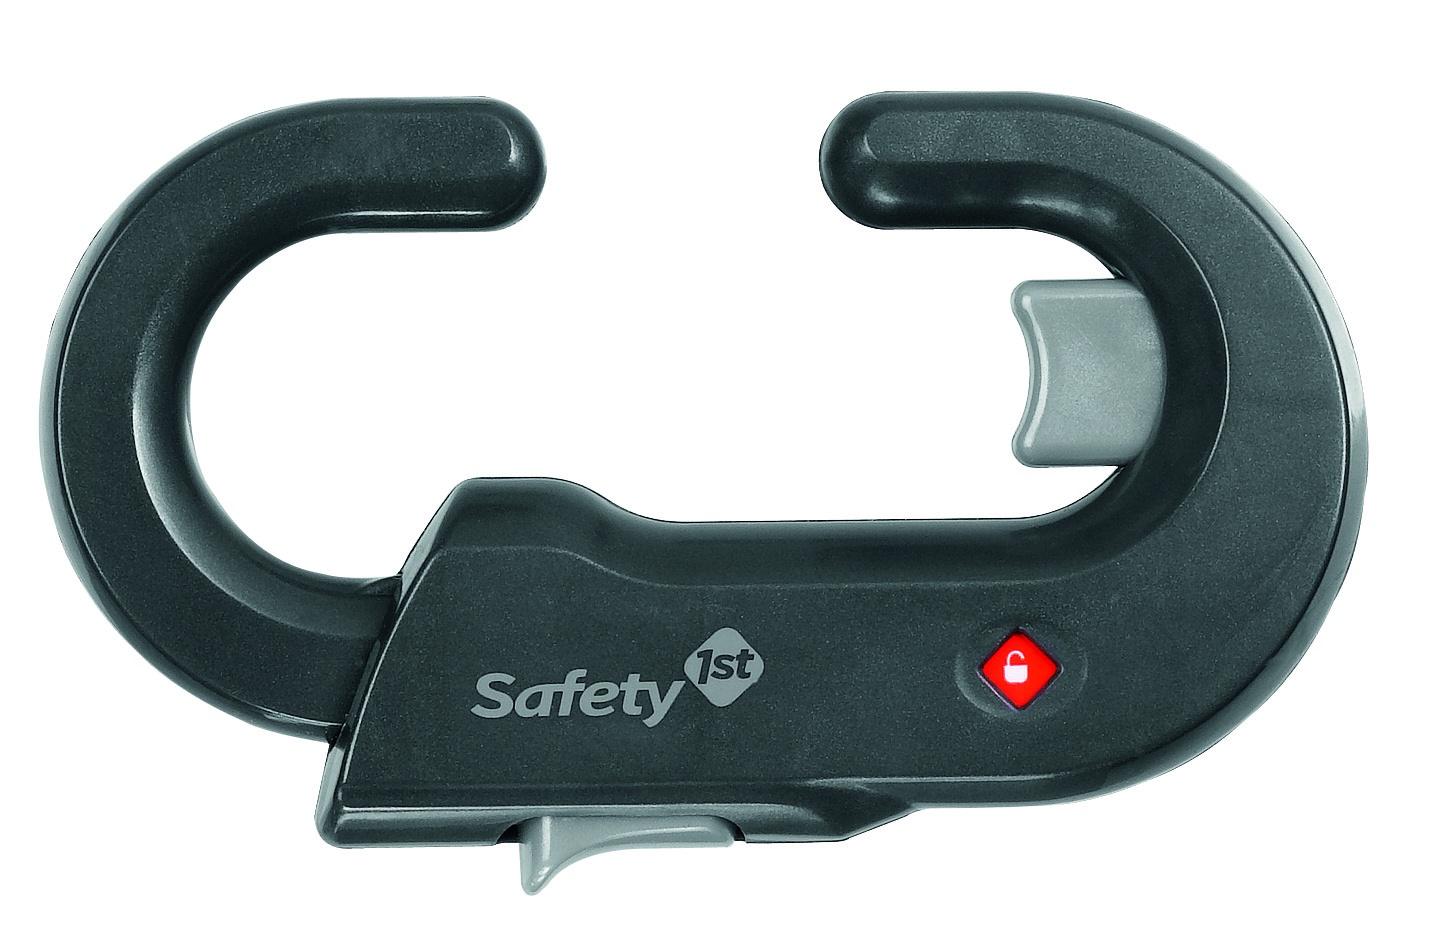 Блокиратор дверей/ящиков Safety 1st Блокиратор дверей/ящиков Safety 1st, 33110037, 33110037, серый baby safety фиксатор для дверей яблочко